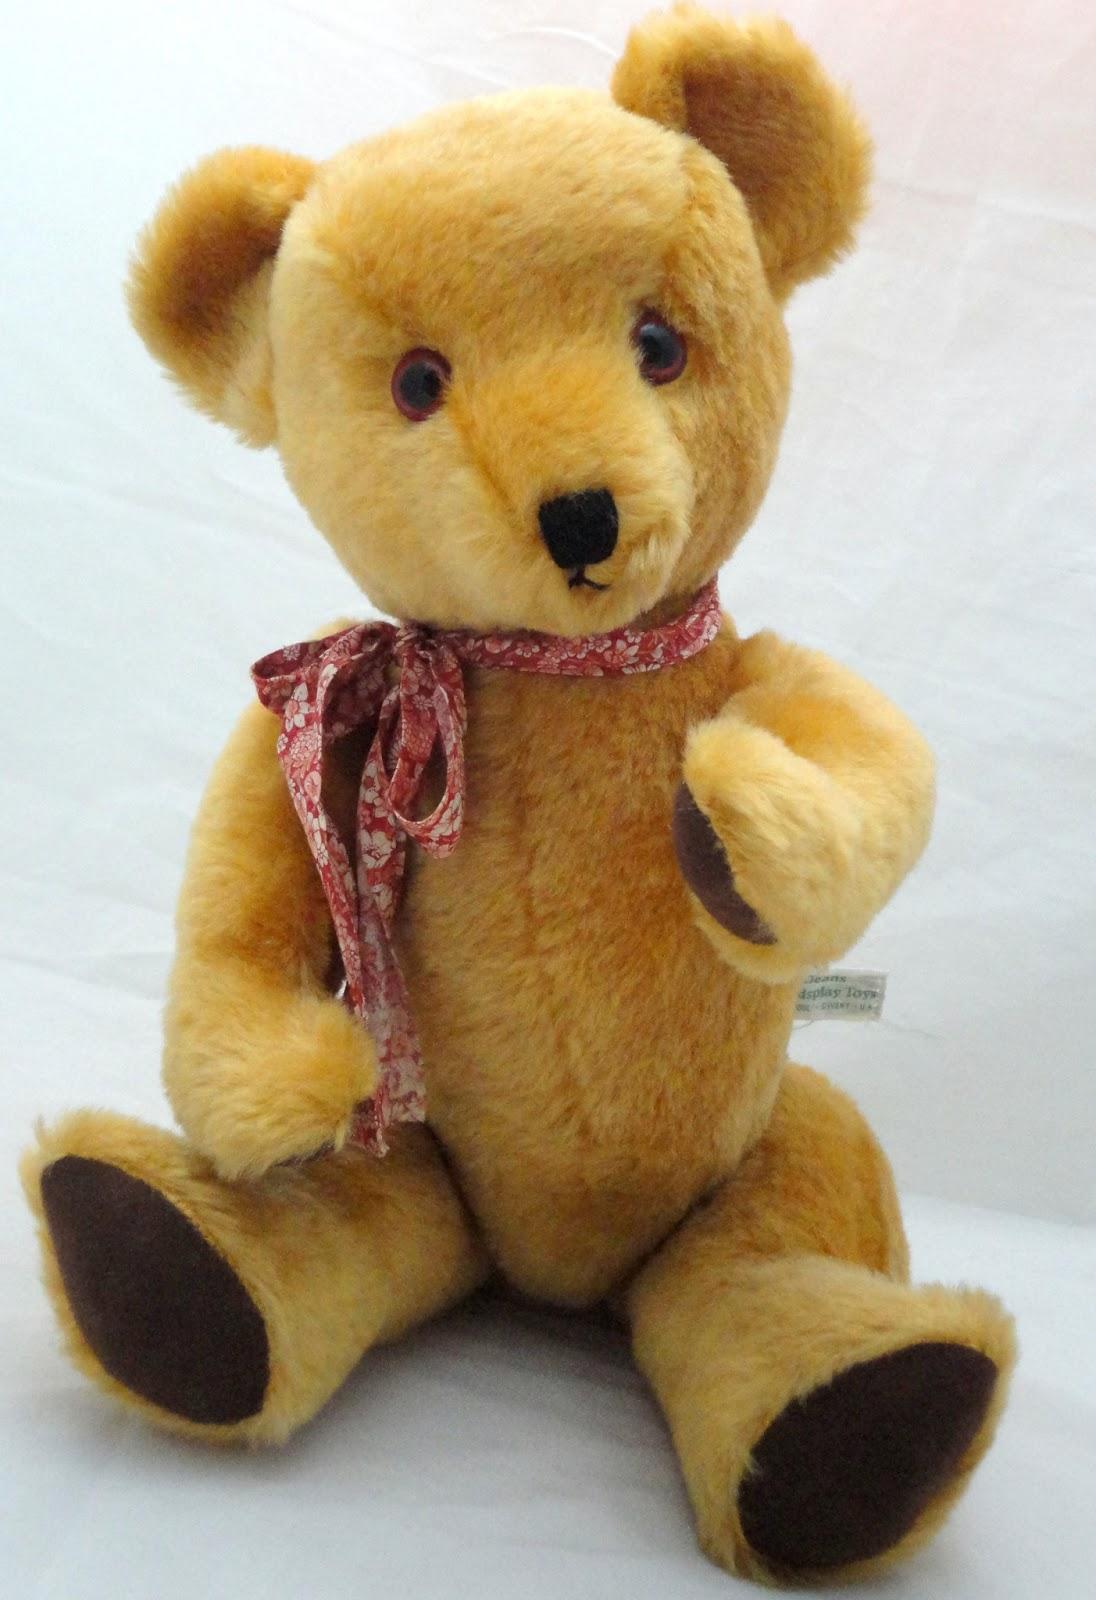 dean u0027s rag book childsplay u0026 gwentoys ltd uk collectible teddy